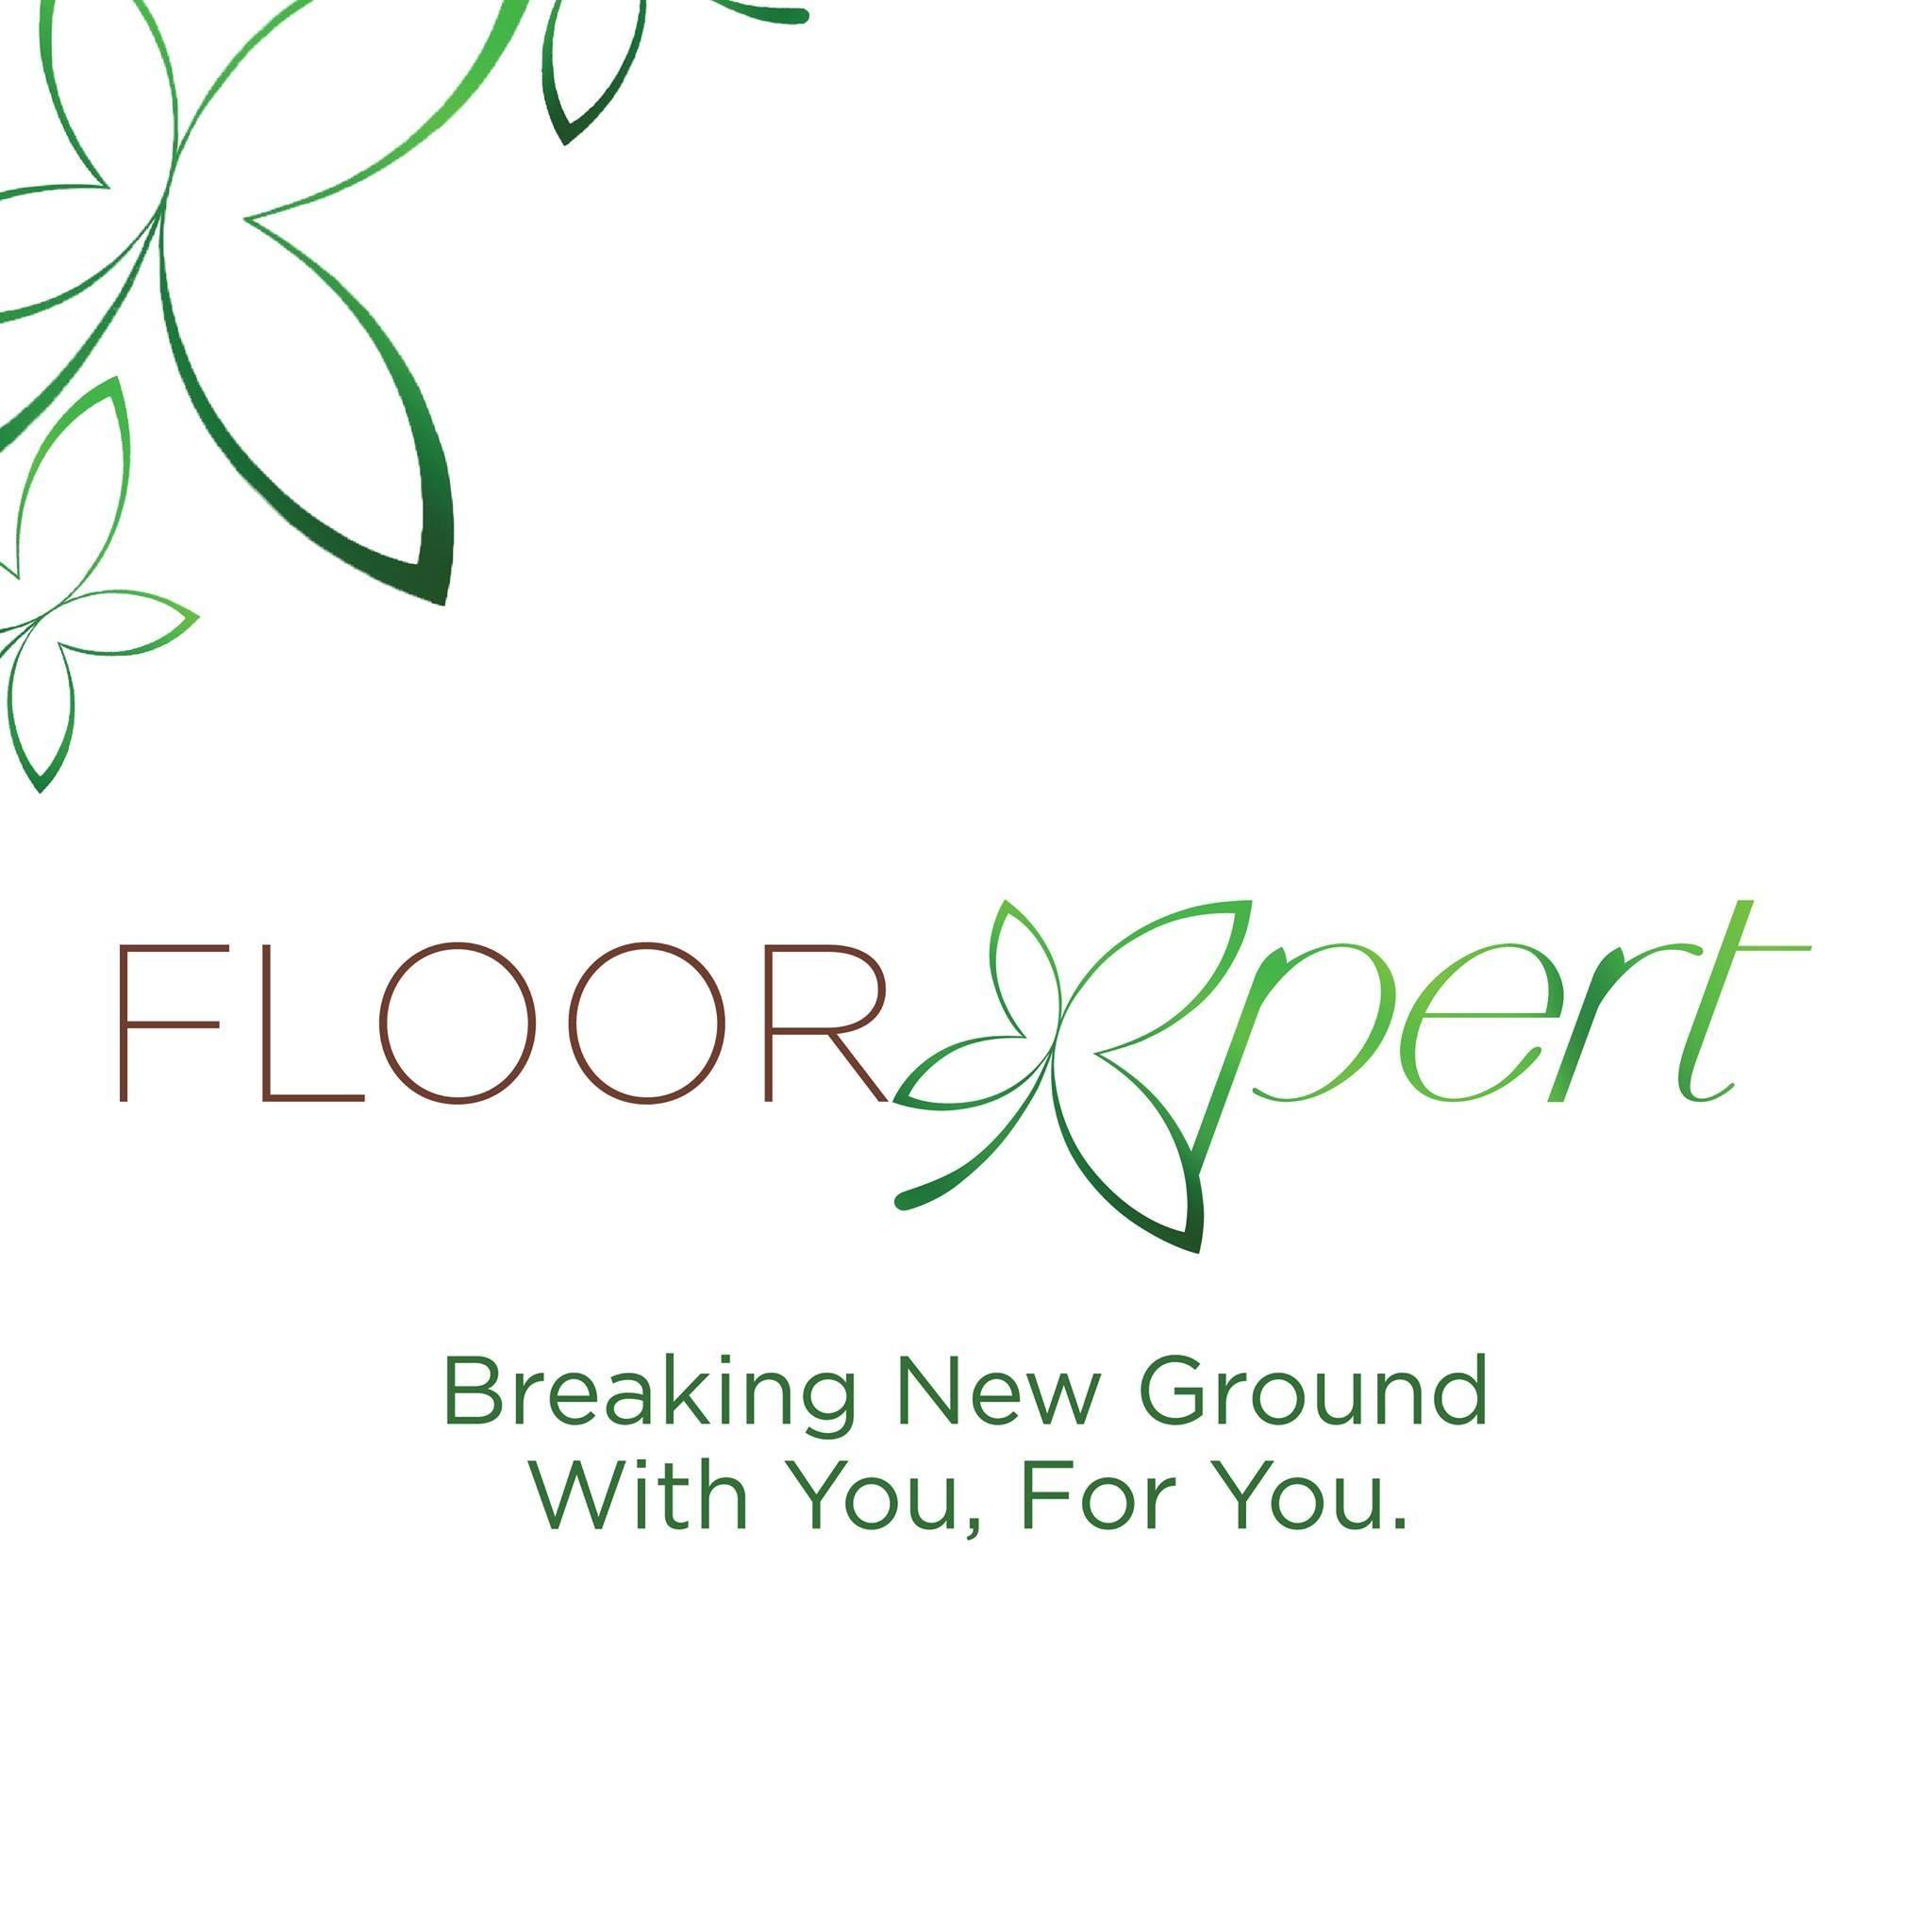 Floor Xpert